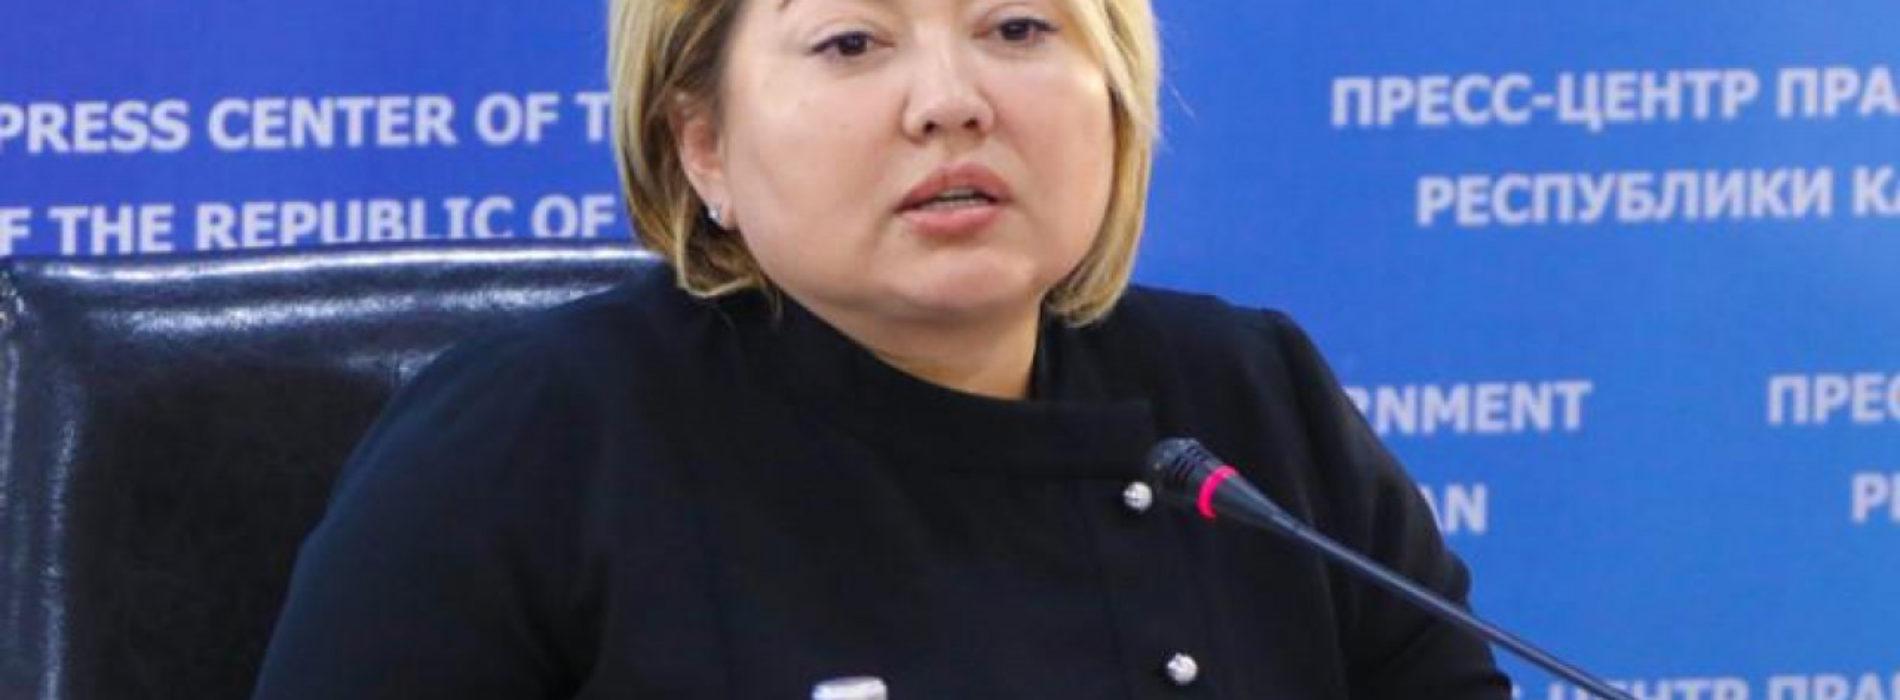 Обнародована преступная схема вице-министра Суханбердиевой